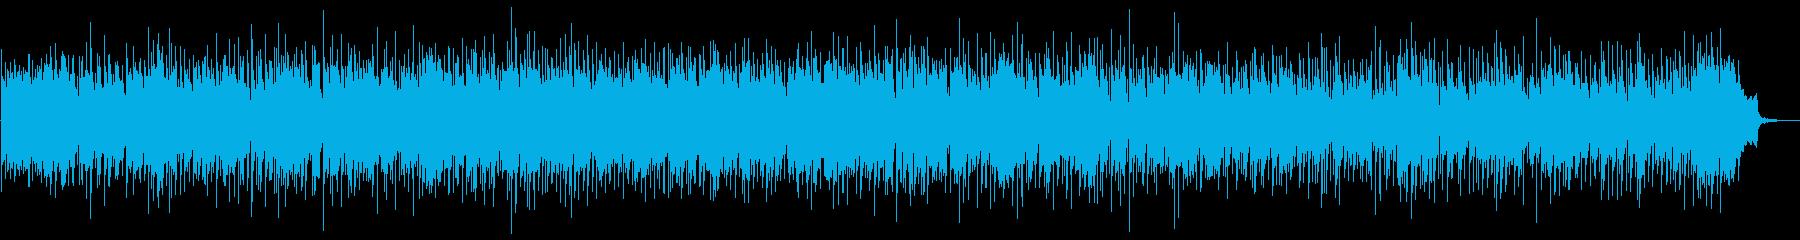 優しいアコーステックバラードの再生済みの波形